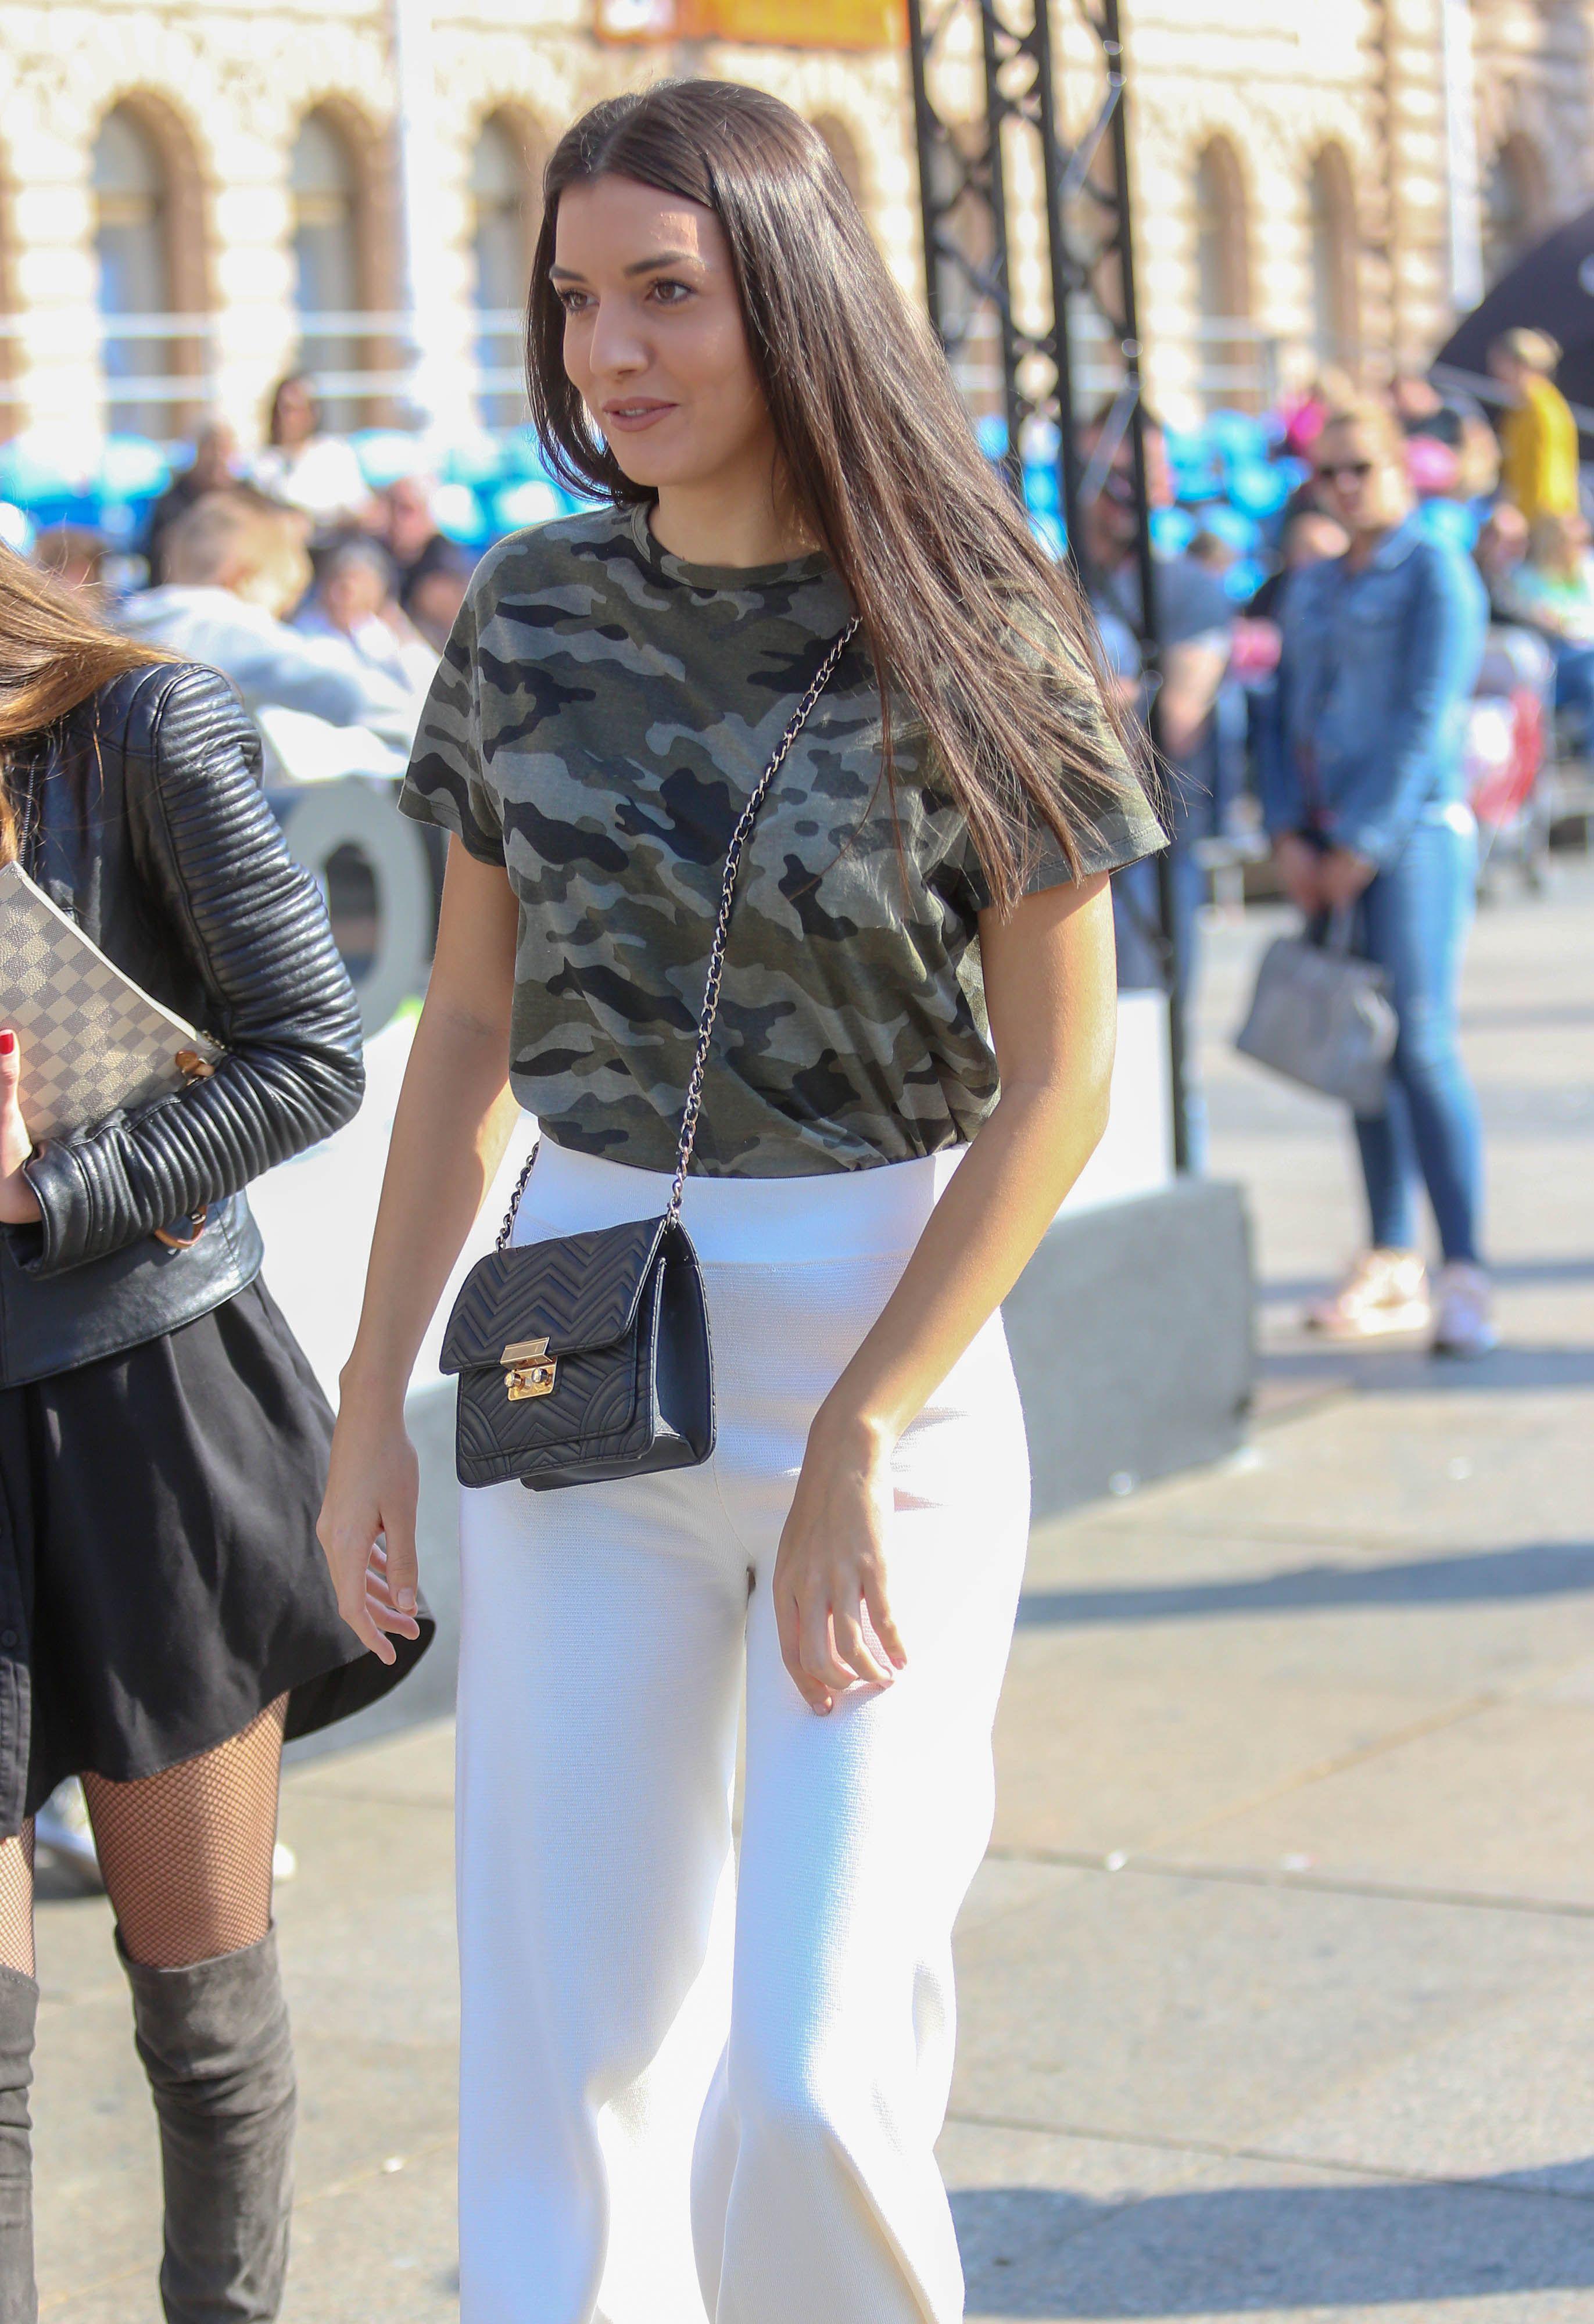 Široke bijele hlače? Da, ova zgodna brineta čak je i to uspjela isfurati!